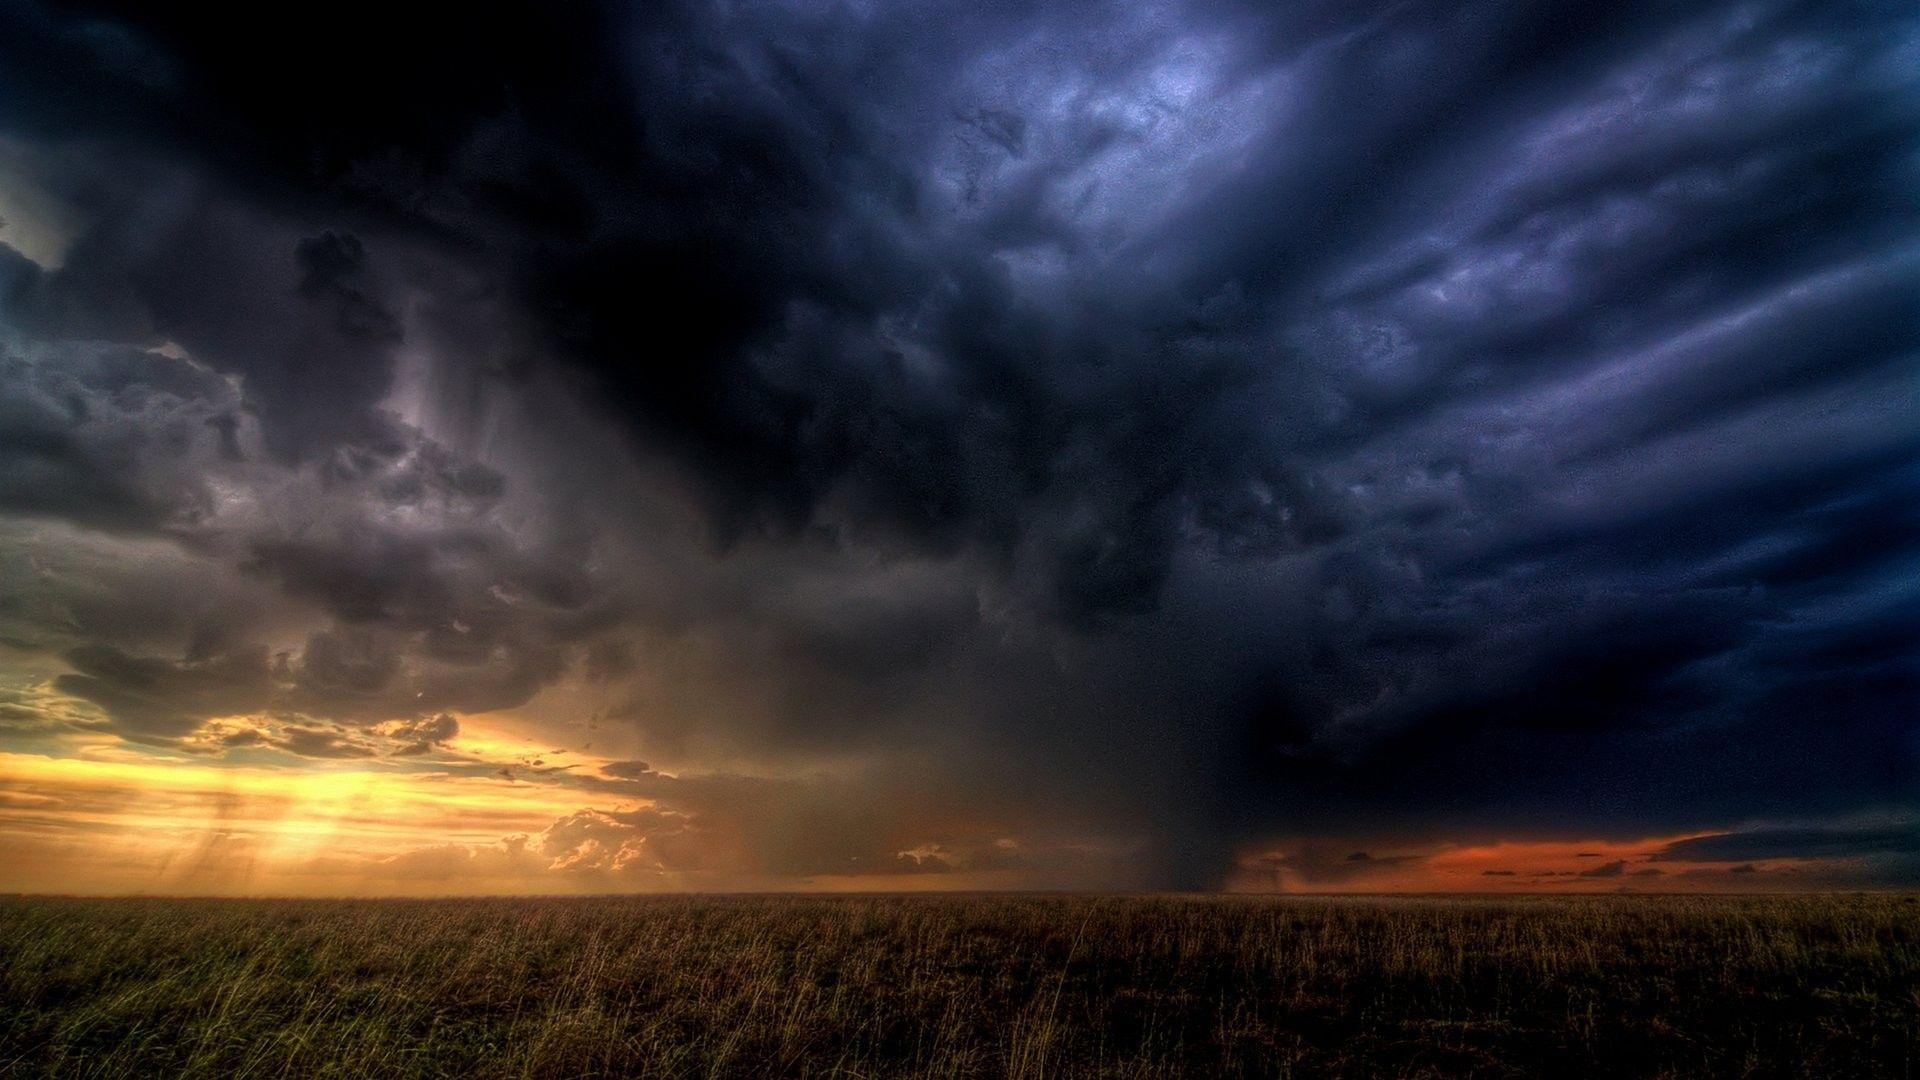 Dark Clouds full hd wallpaper download